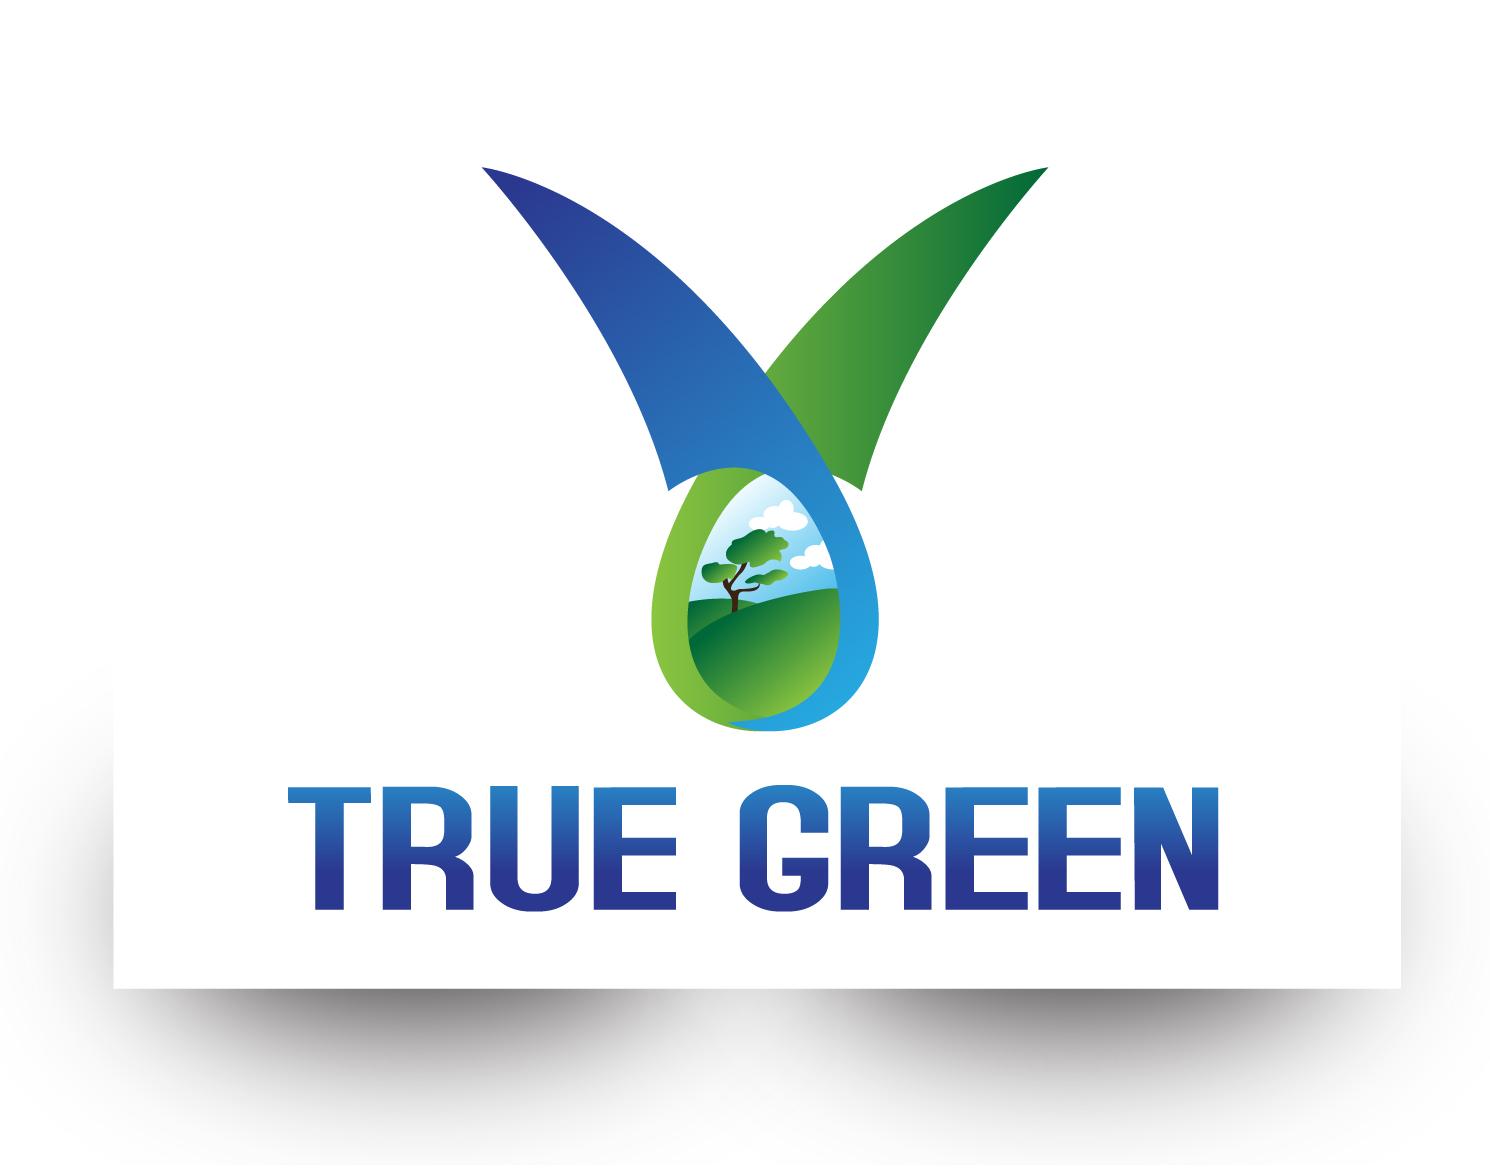 Logo Design by demang - Entry No. 59 in the Logo Design Contest Fun Logo Design for TRUE GREEN.